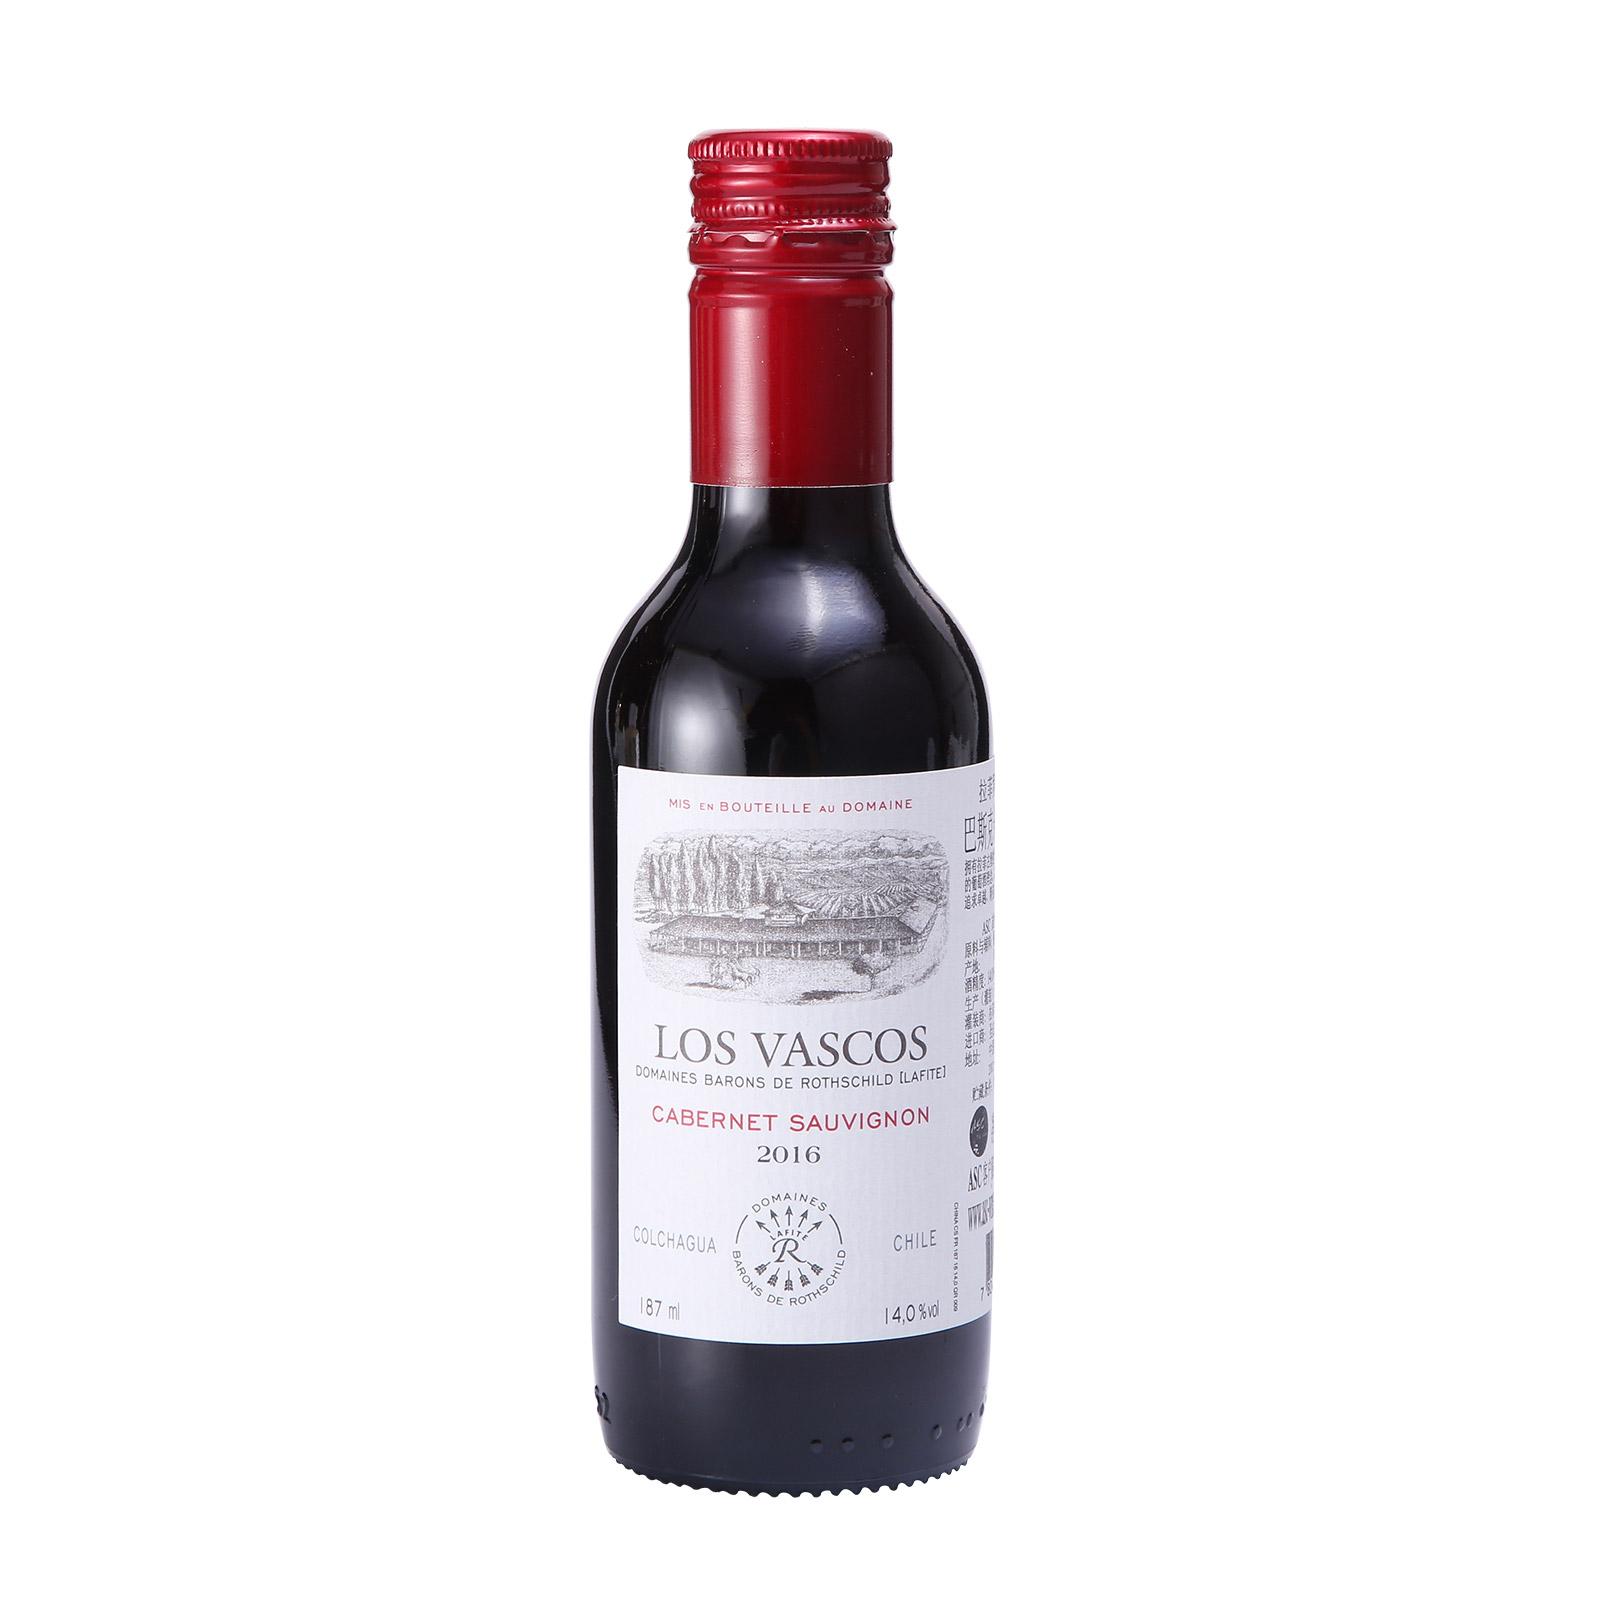 DBR拉菲罗斯柴尔德巴斯克卡本妮苏维翁红葡萄酒187毫升 Los Vascos Cabernet Sauvignon187 ml